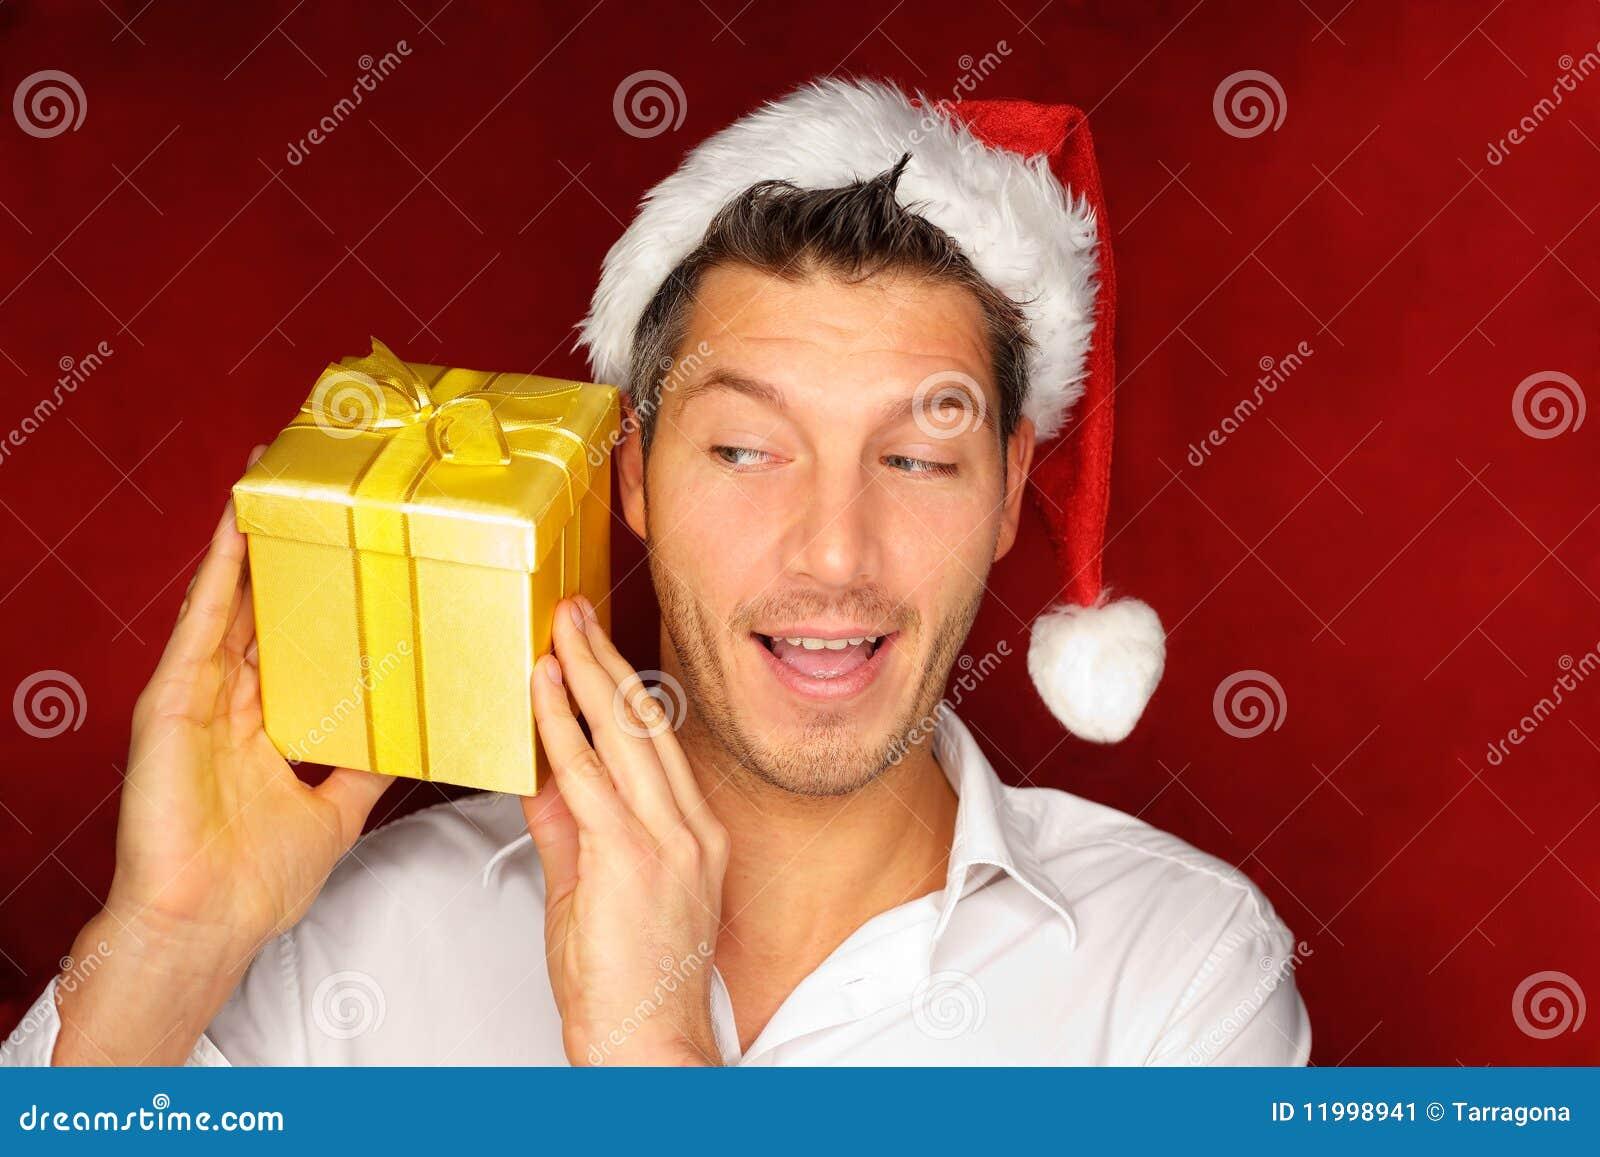 Подарок парню на Новый год 2017: список подарков, фото 9